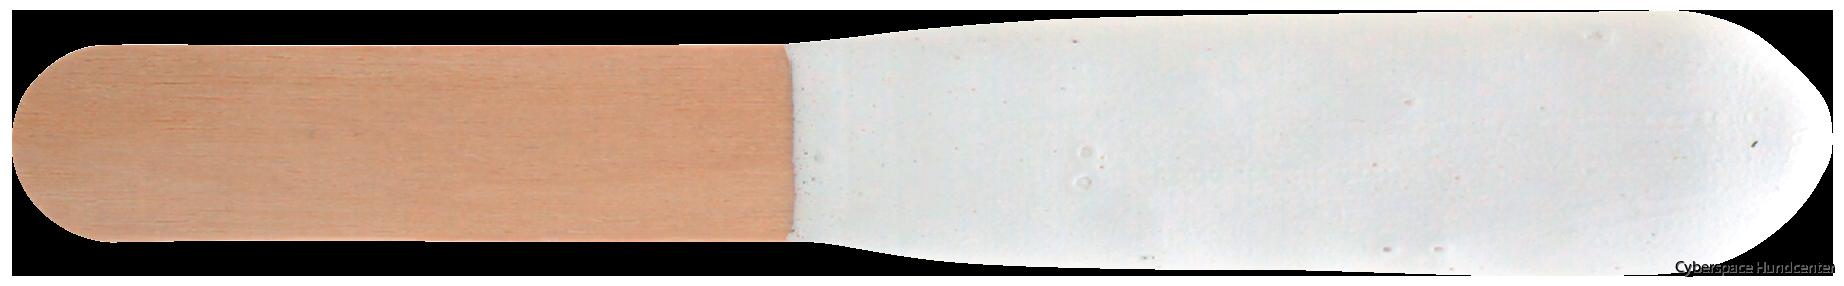 020-White-ChrisStix_FullRes